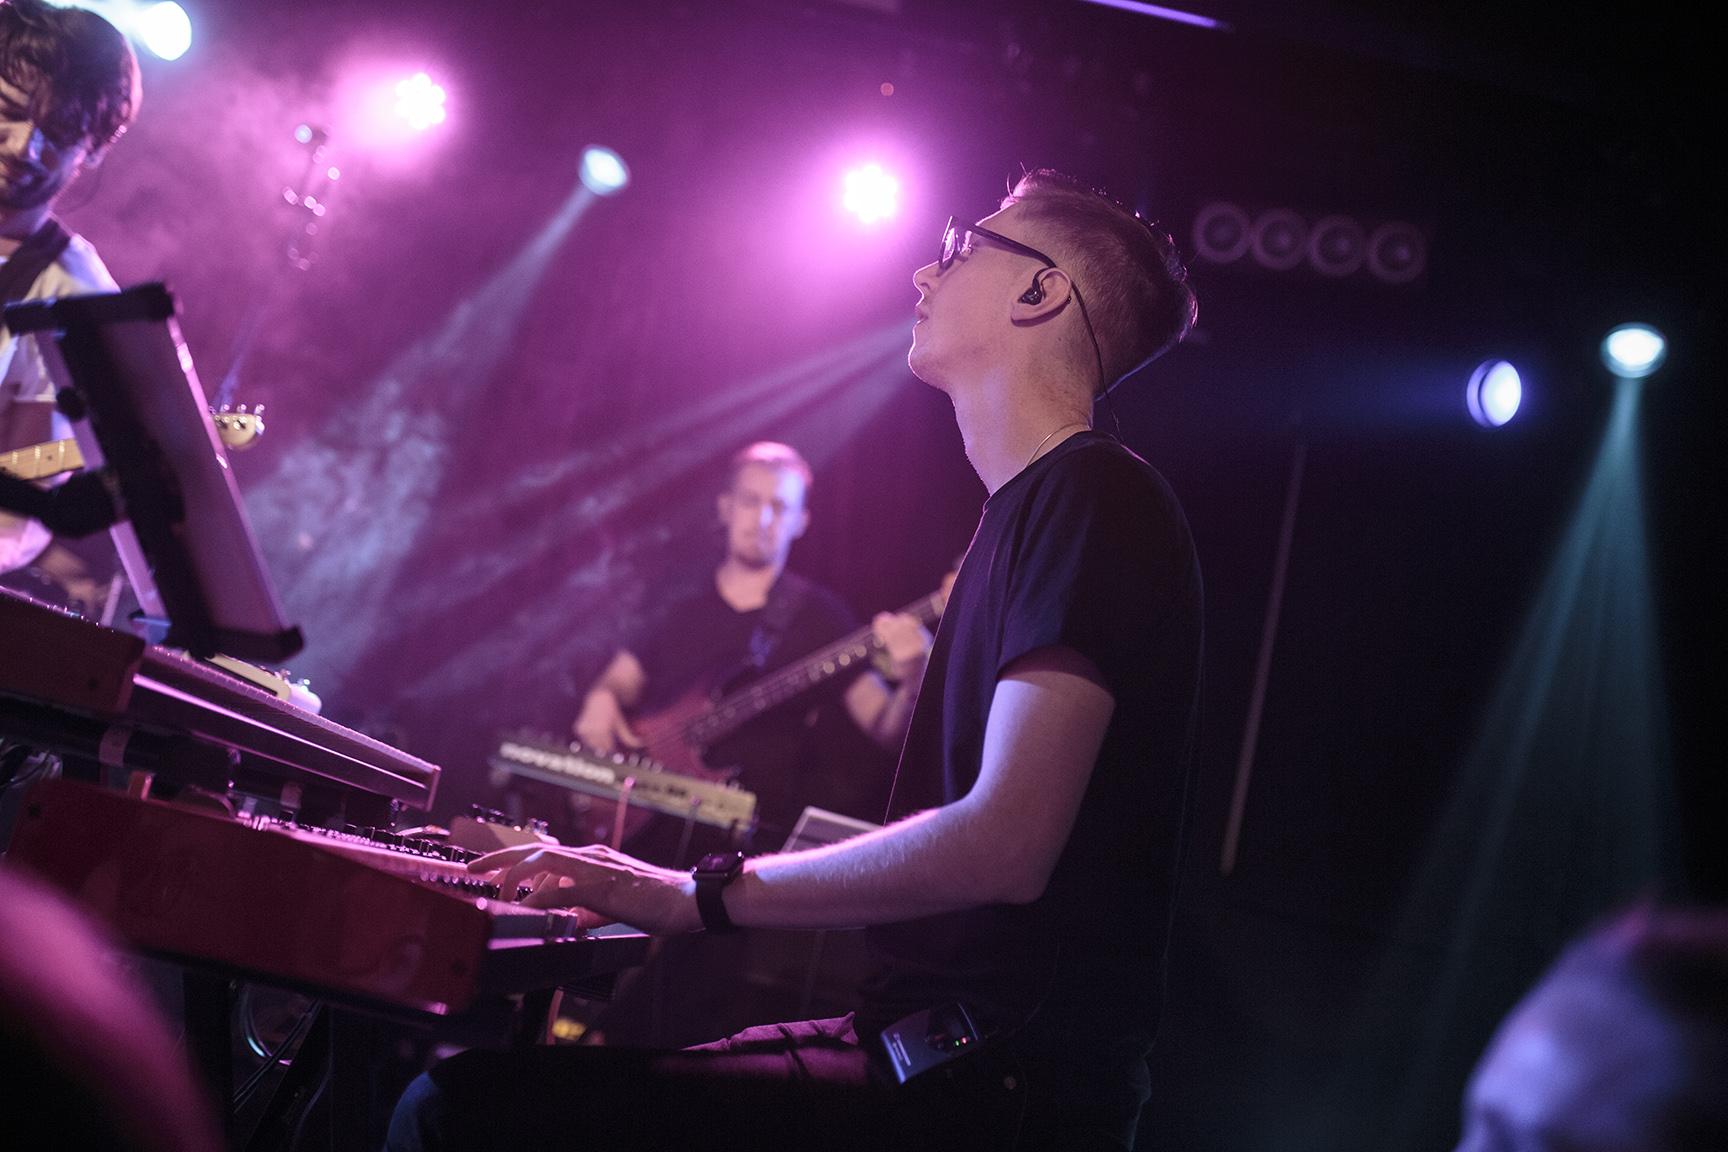 Фото Антон Лаврентьев, Летний концерт